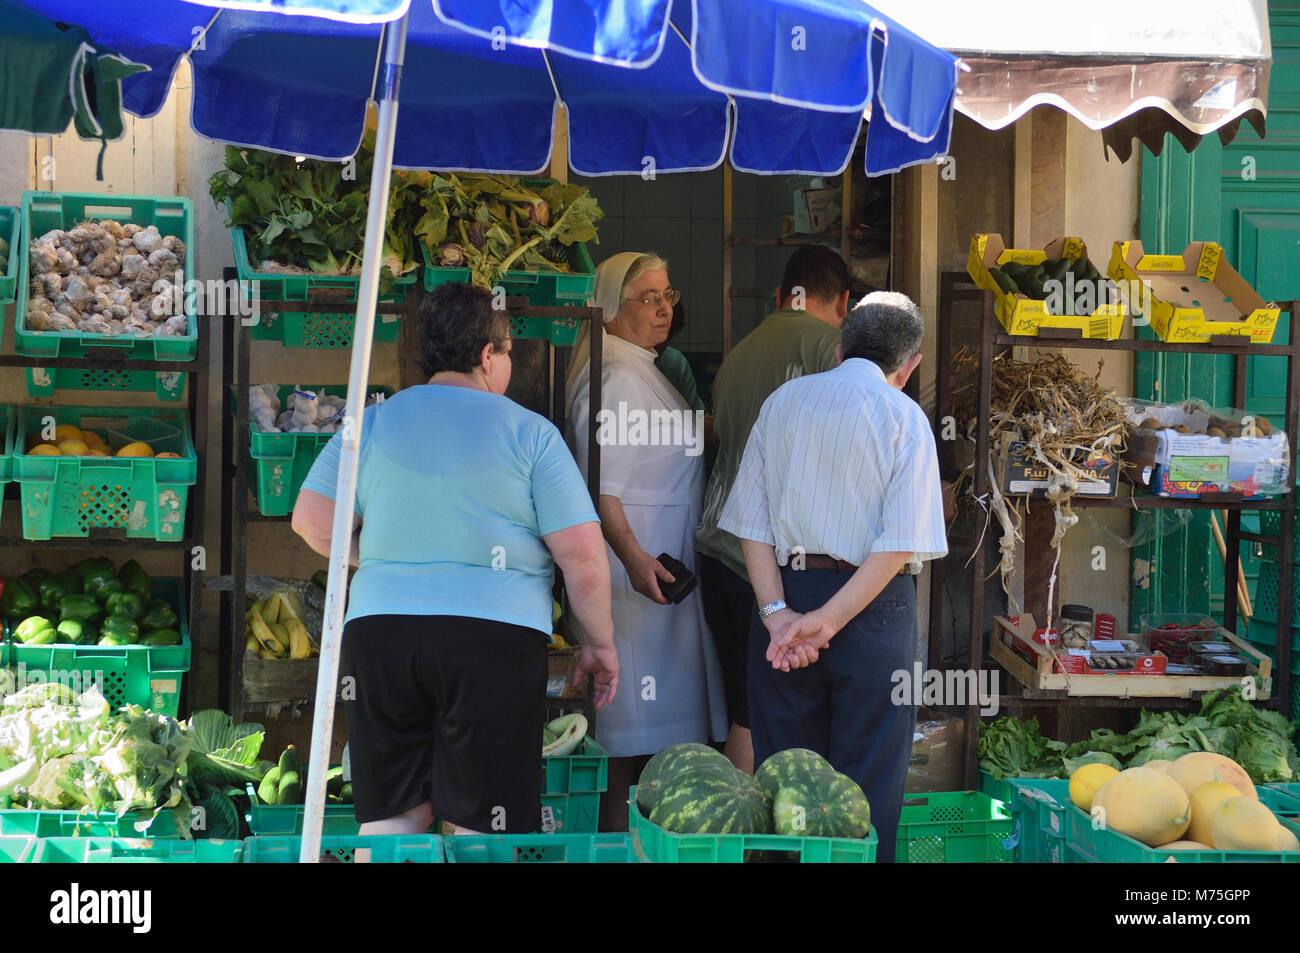 Gli acquirenti di cibo, Rabat / Victoria, Gozo, Malta, Europa Immagini Stock